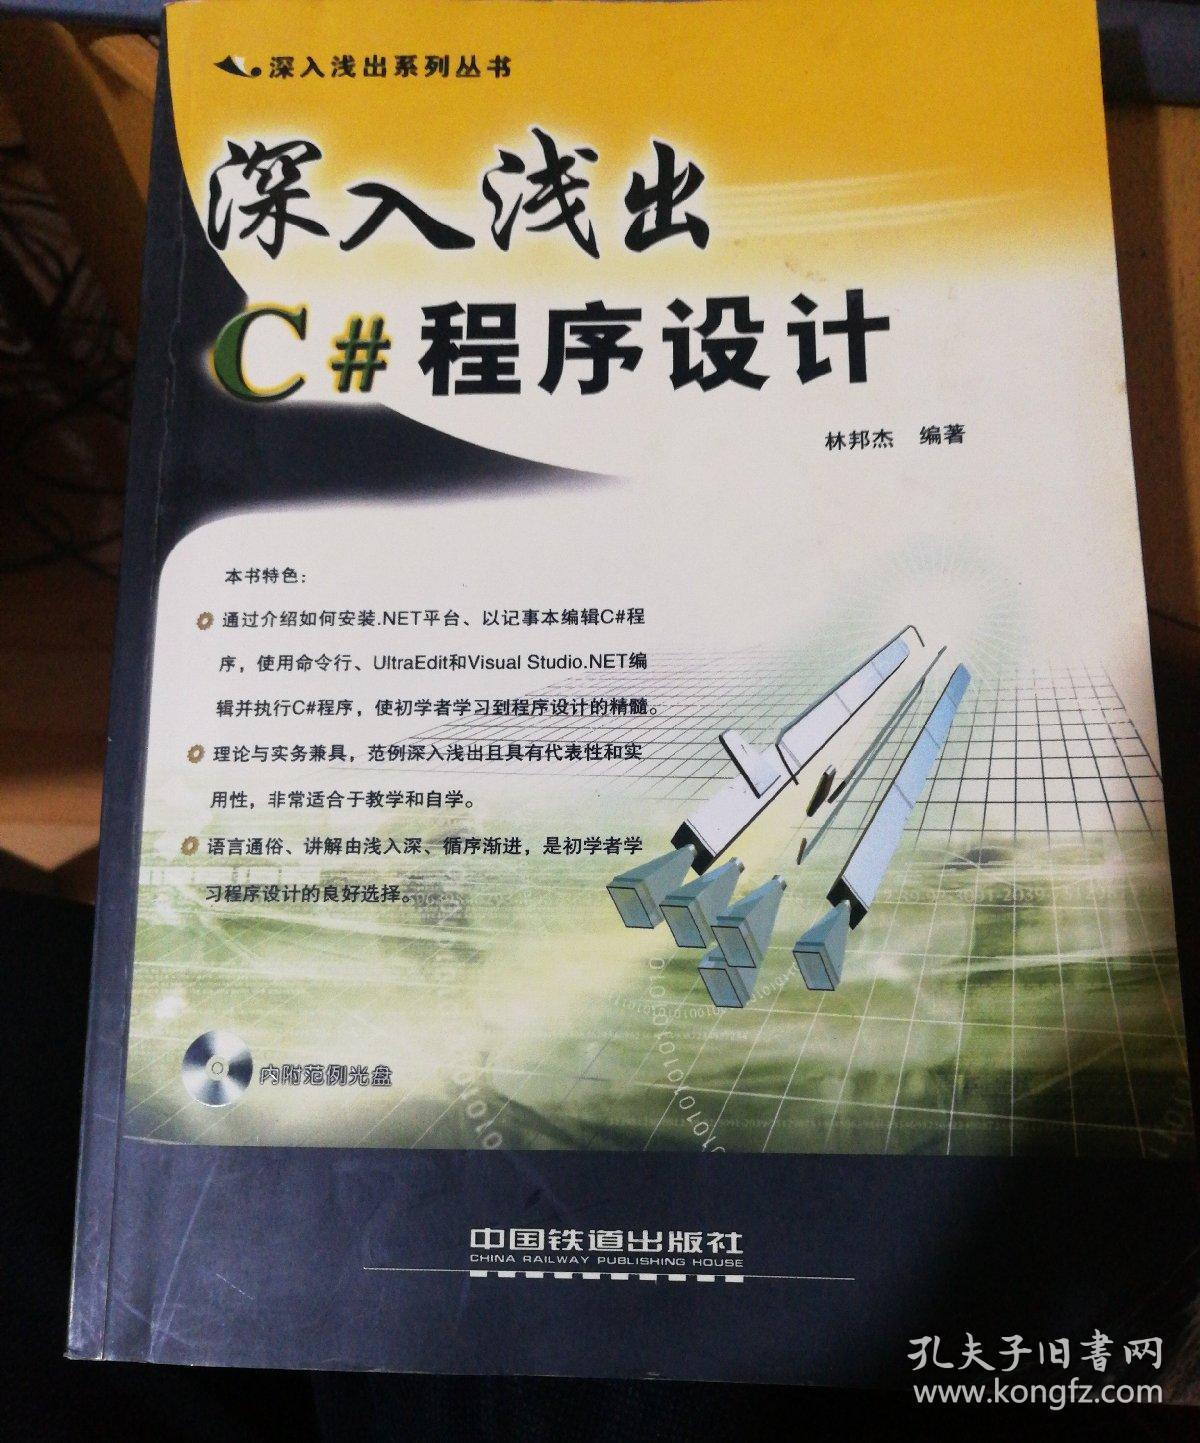 《深入浅出C#程序设计——深入浅出系列丛书》